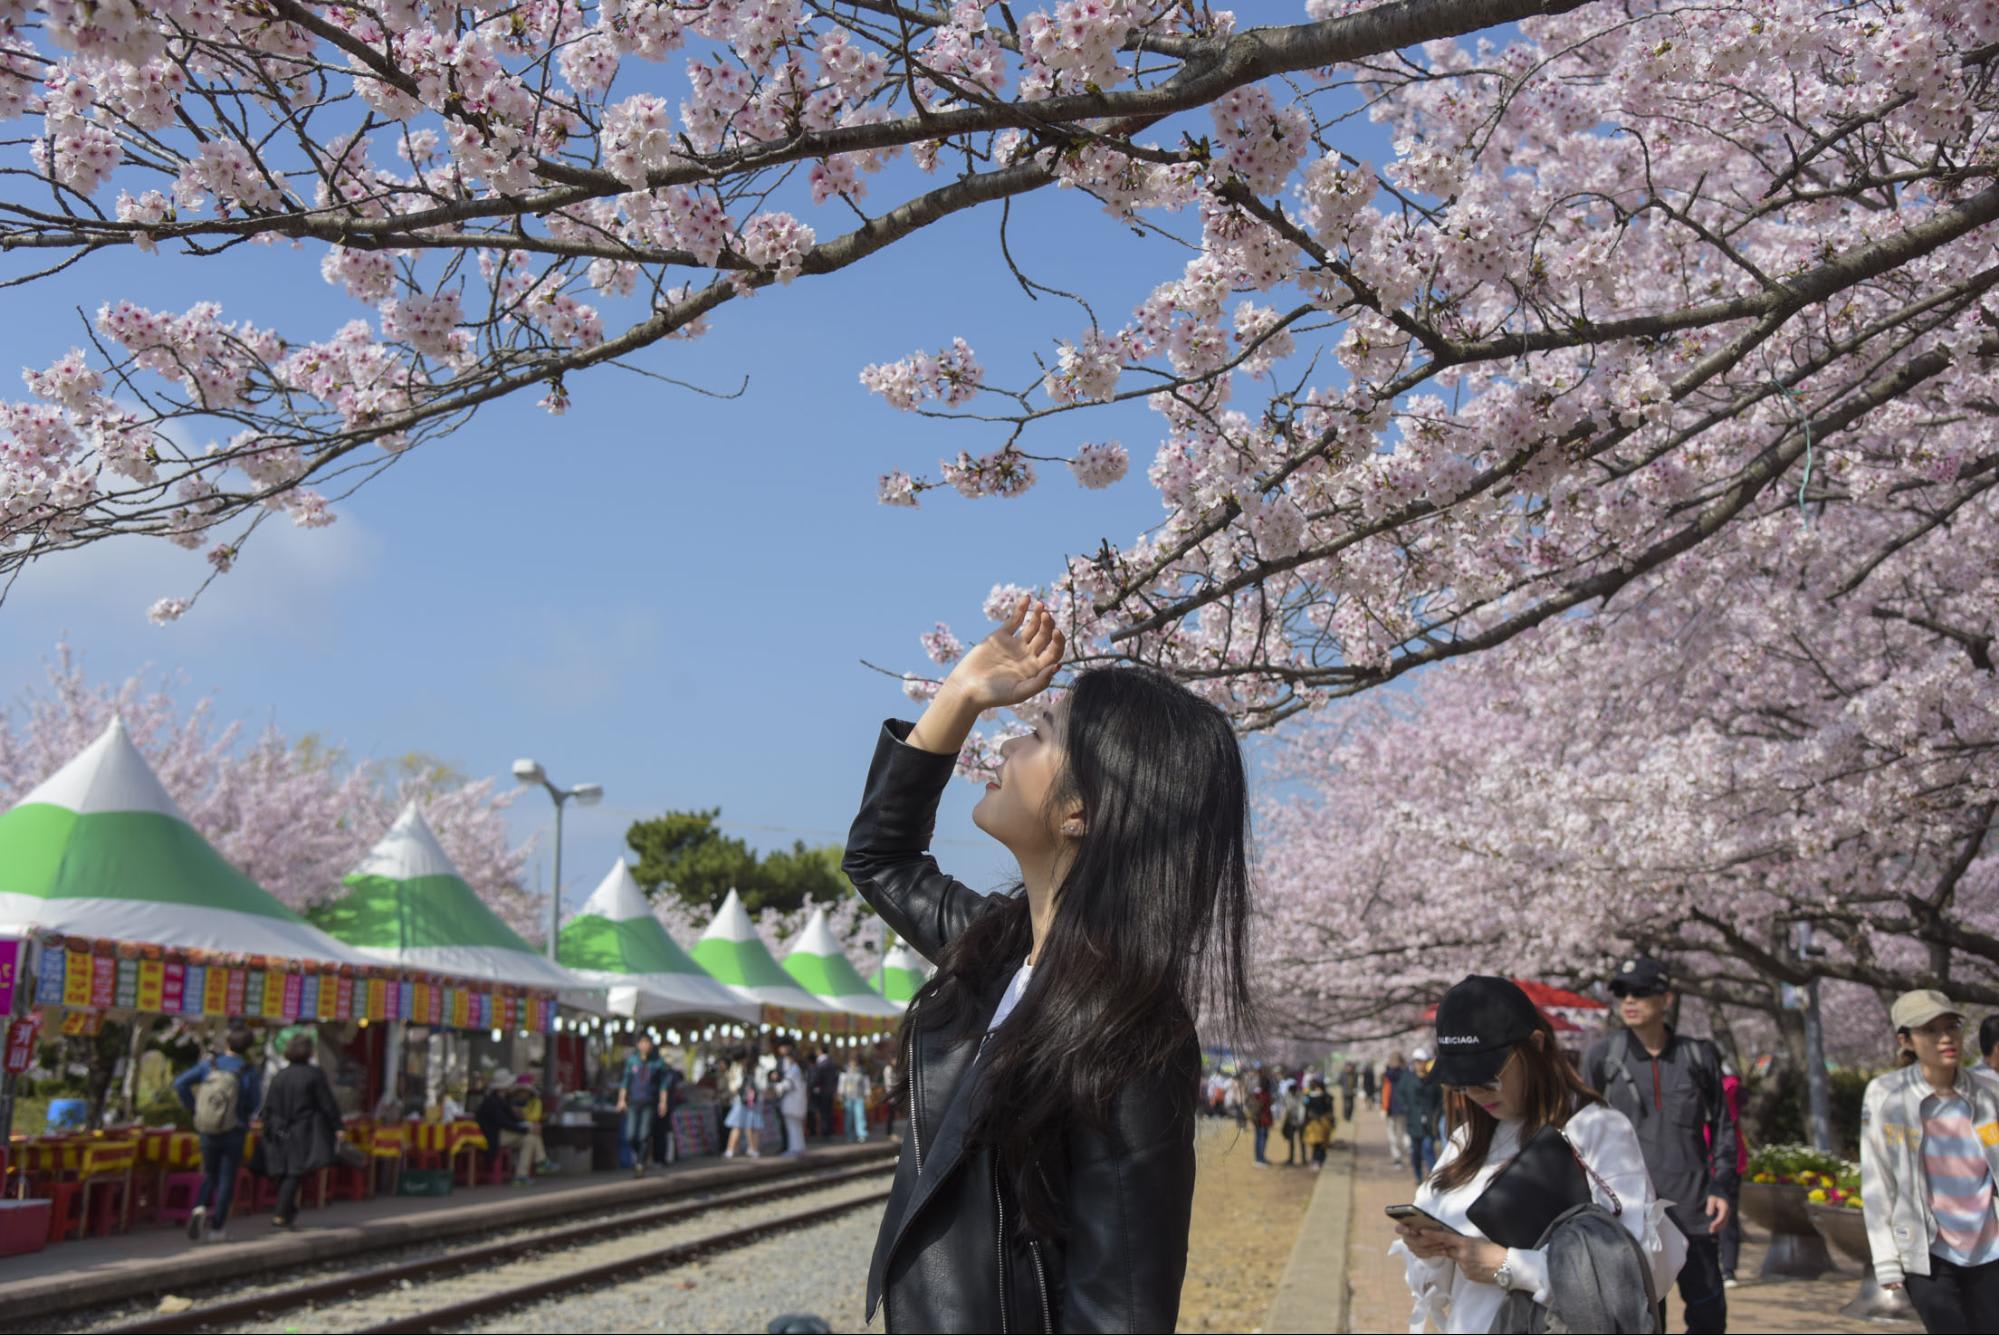 18 địa điểm ngắm hoa anh đào bạn không thể bỏ lỡ mùa xuân này 23